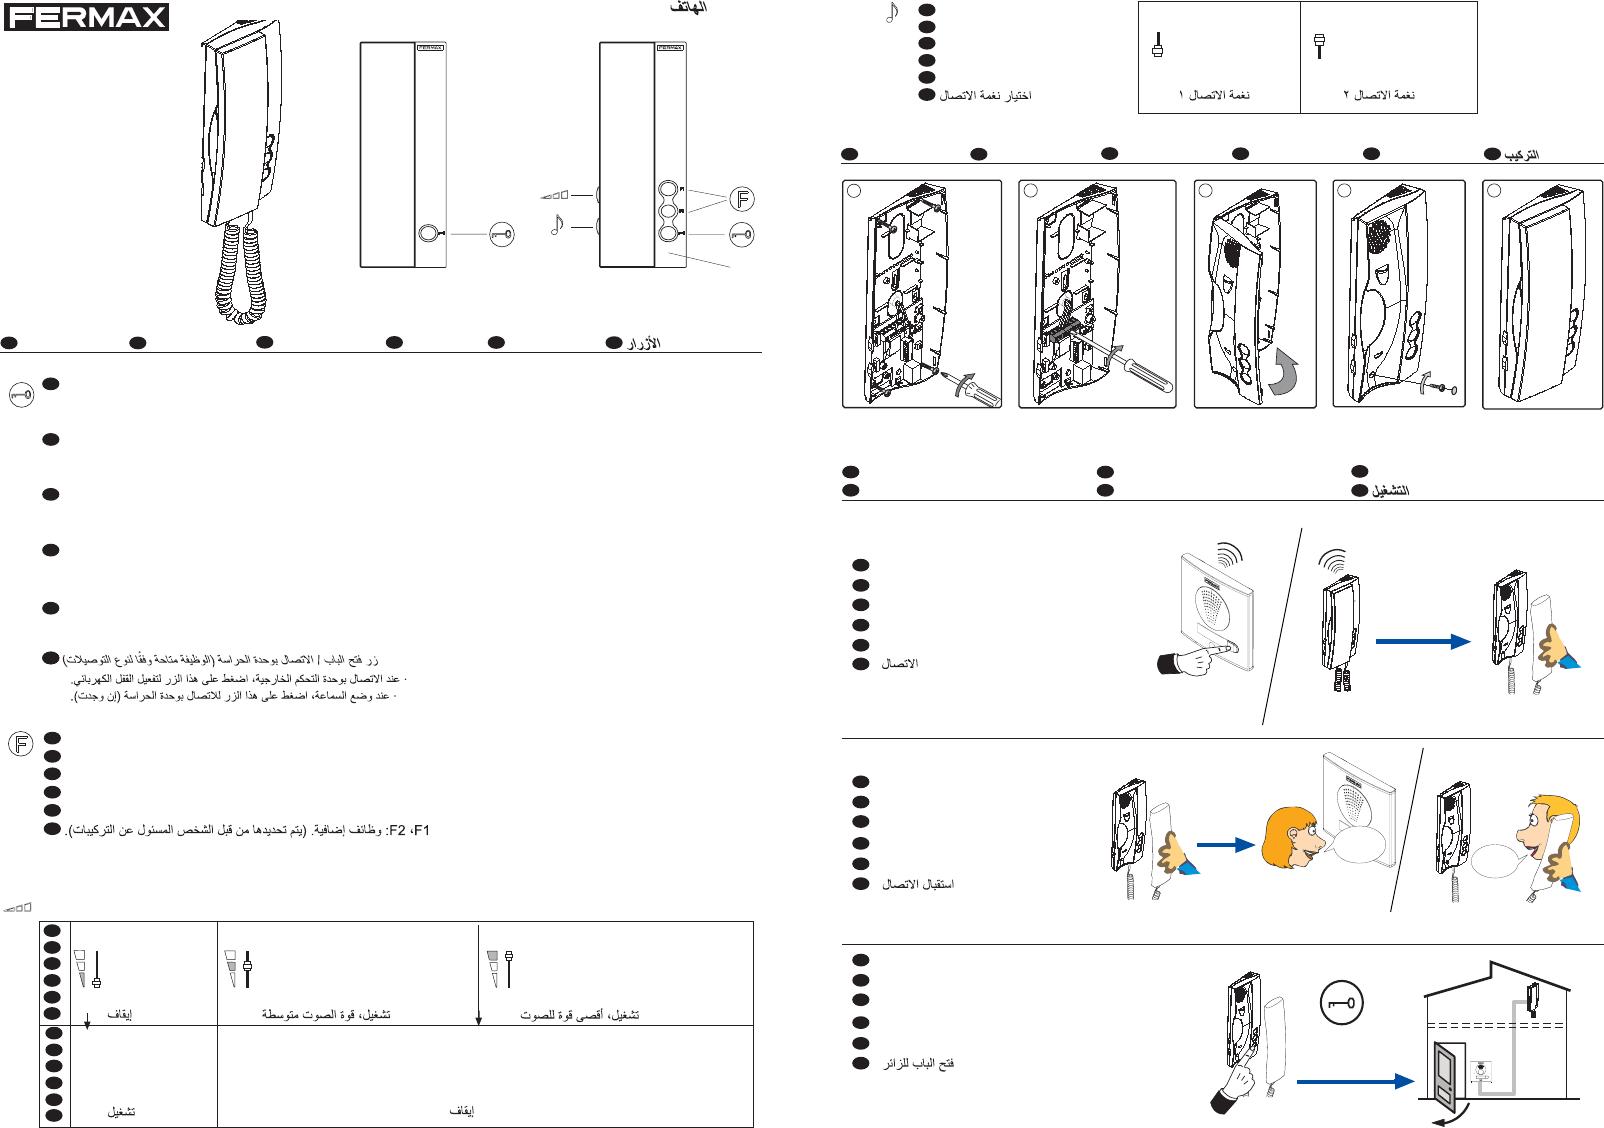 Benungsanleitung Fermax VDS LOFT TELEPHONE (Seite 1 von 2 ... on